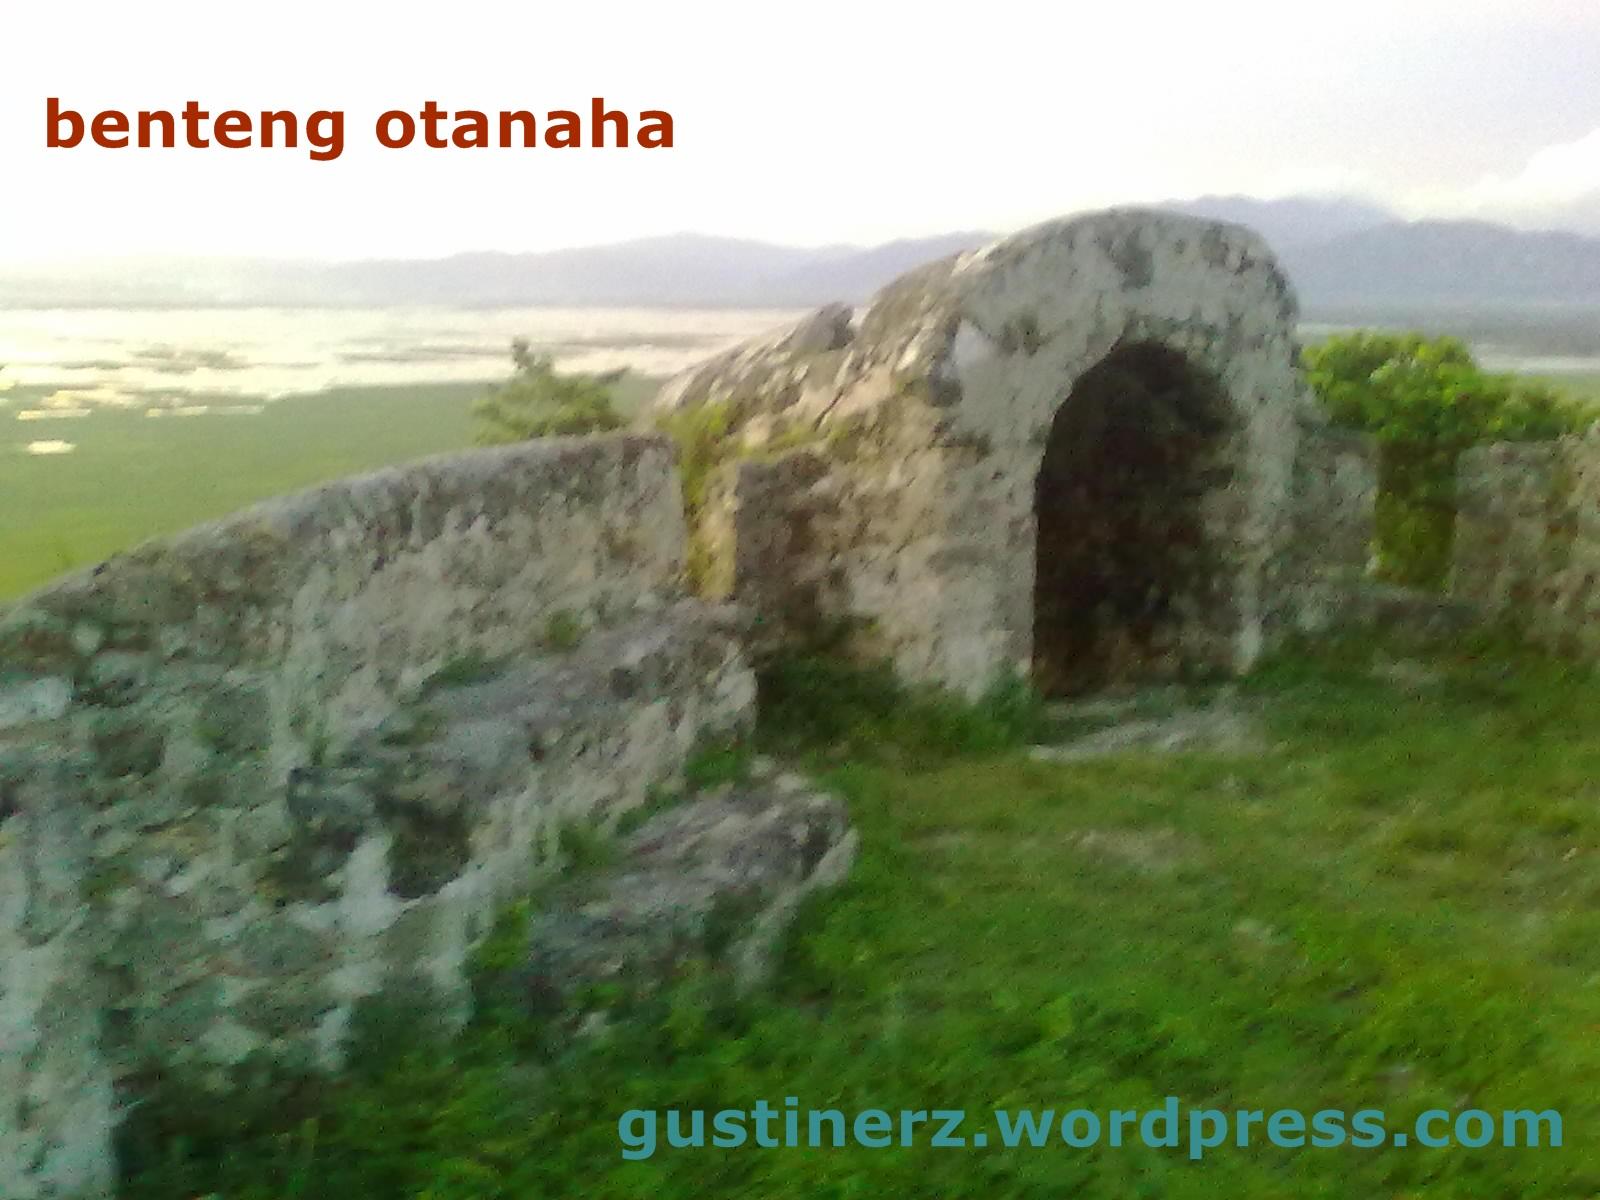 Menikmati Keindahan Danau Limboto Pegunungan Benteng Otanaha Menjadi Salah Satu